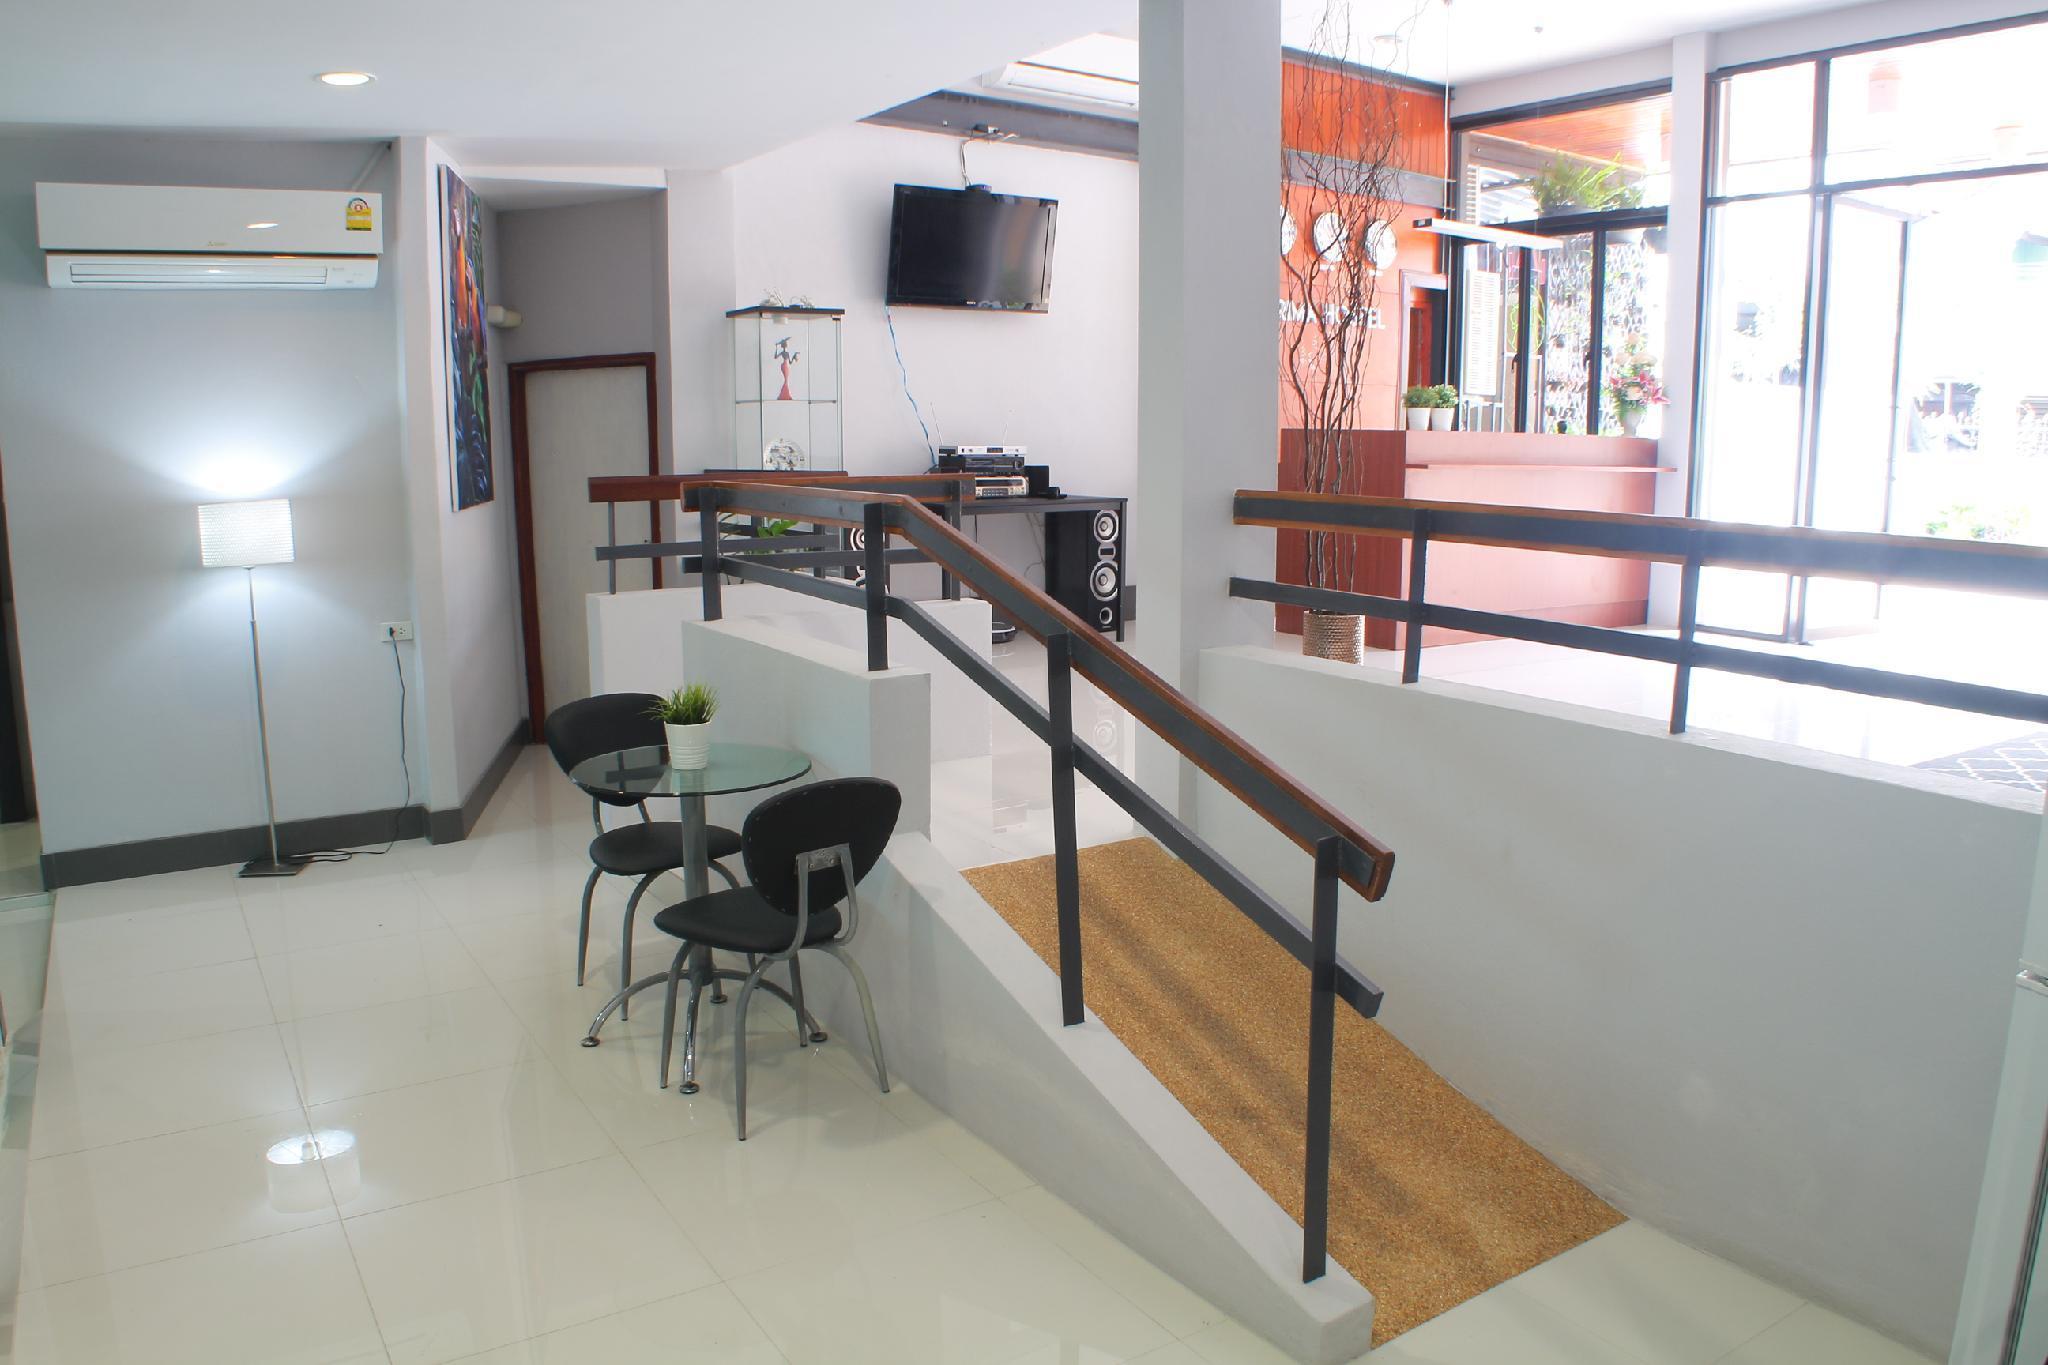 S'Prima Hostel,S'Prima Hostel